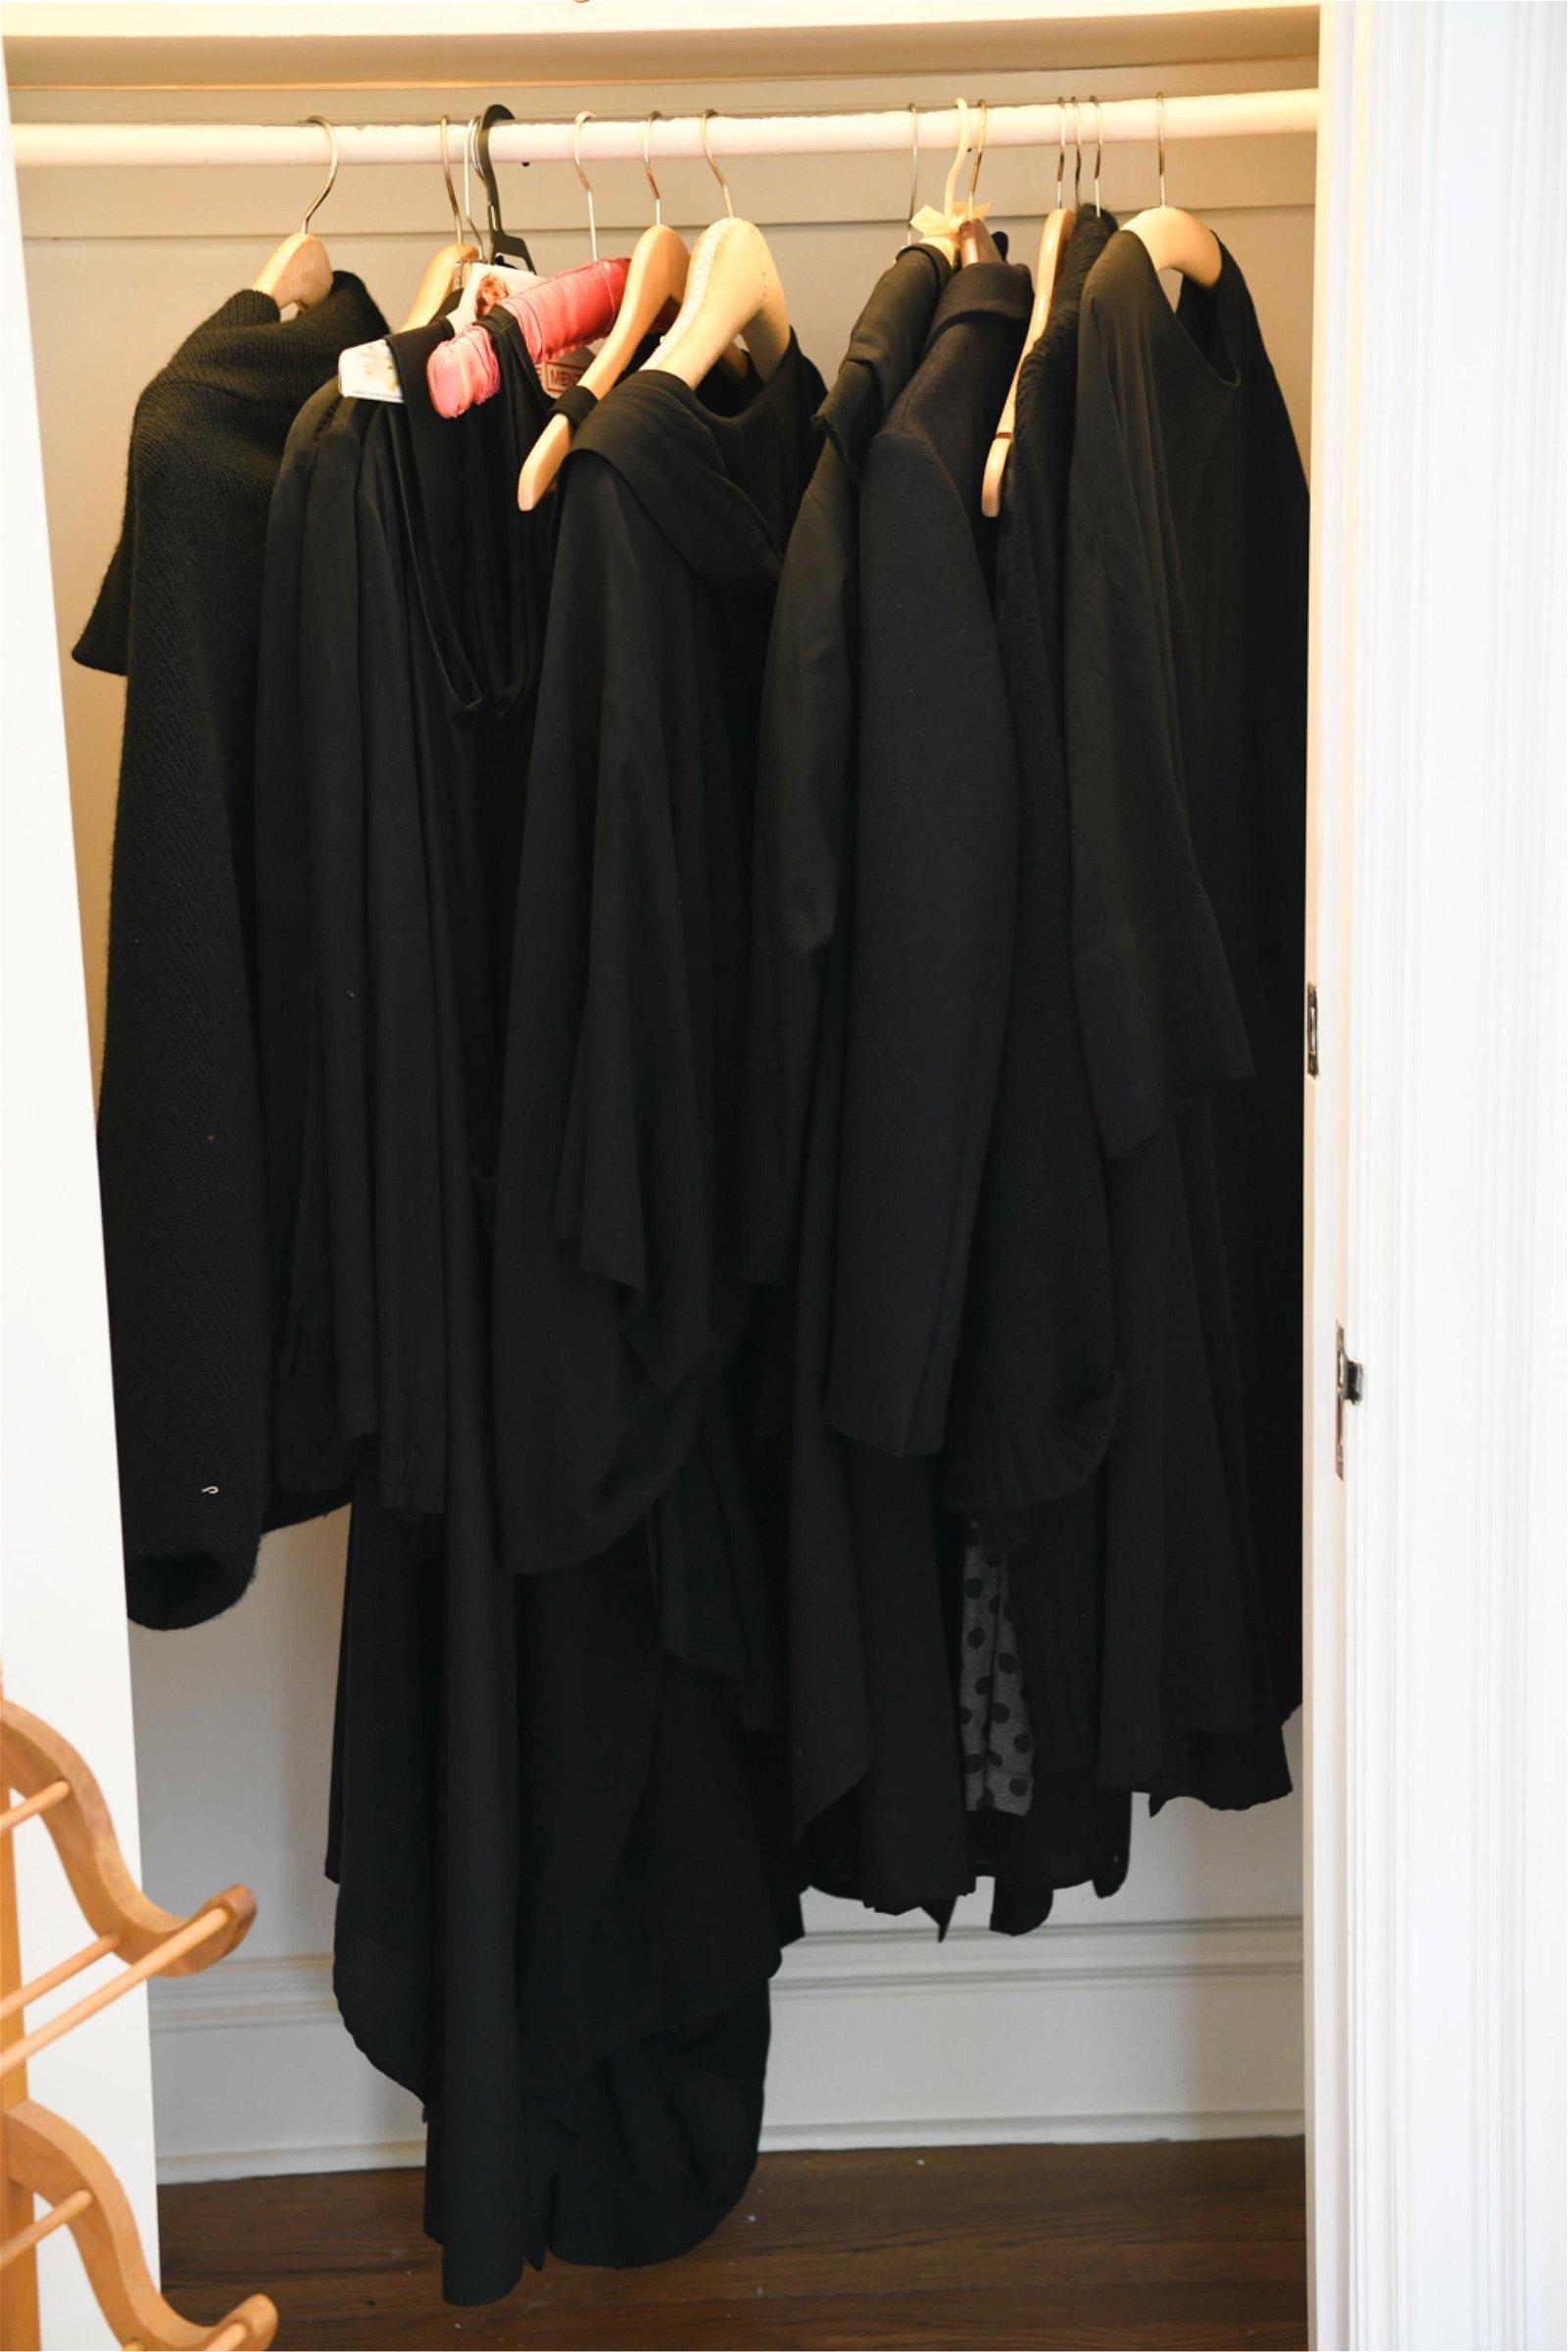 LARGE GROUPING OF DESIGNER BLACK CLOTHING